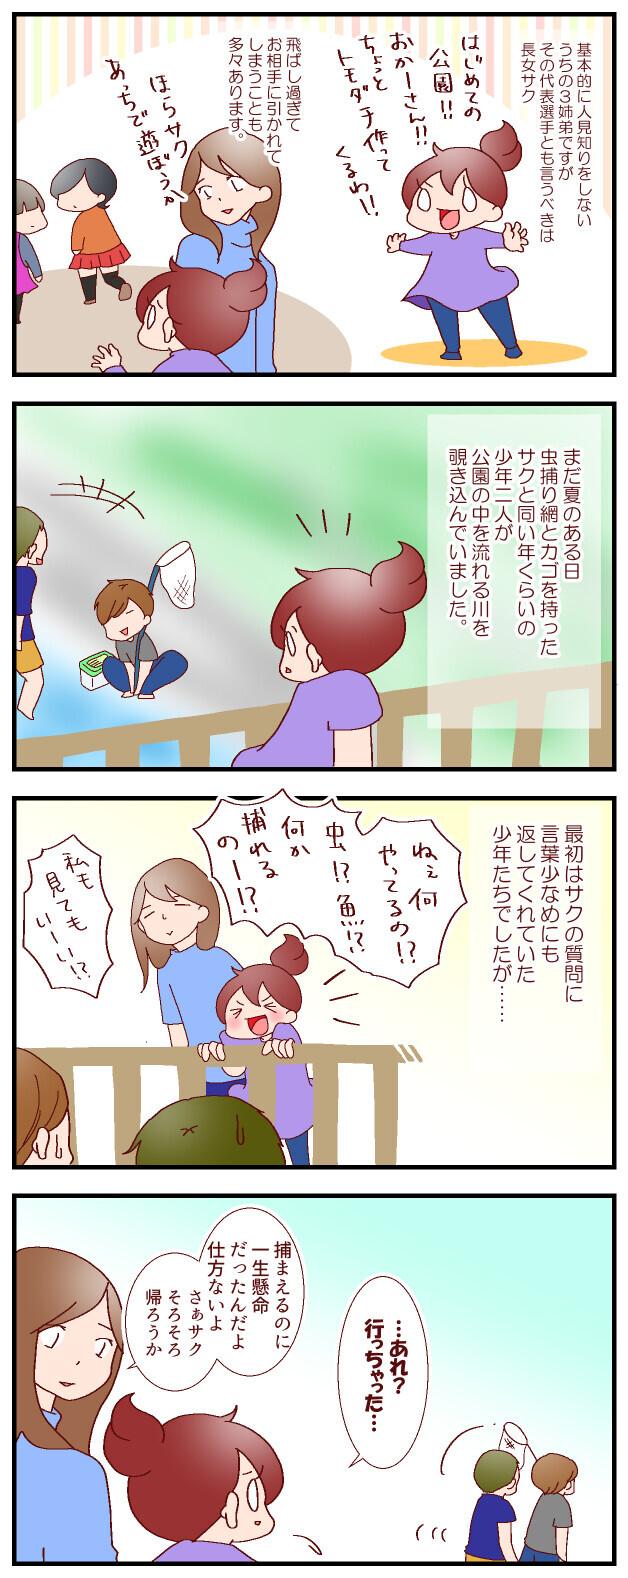 「友だちになりたい!」人見知りしなさすぎる娘が心配…でもある出会いが気持ちを楽に【良妻賢母になるまでは。 第60話】